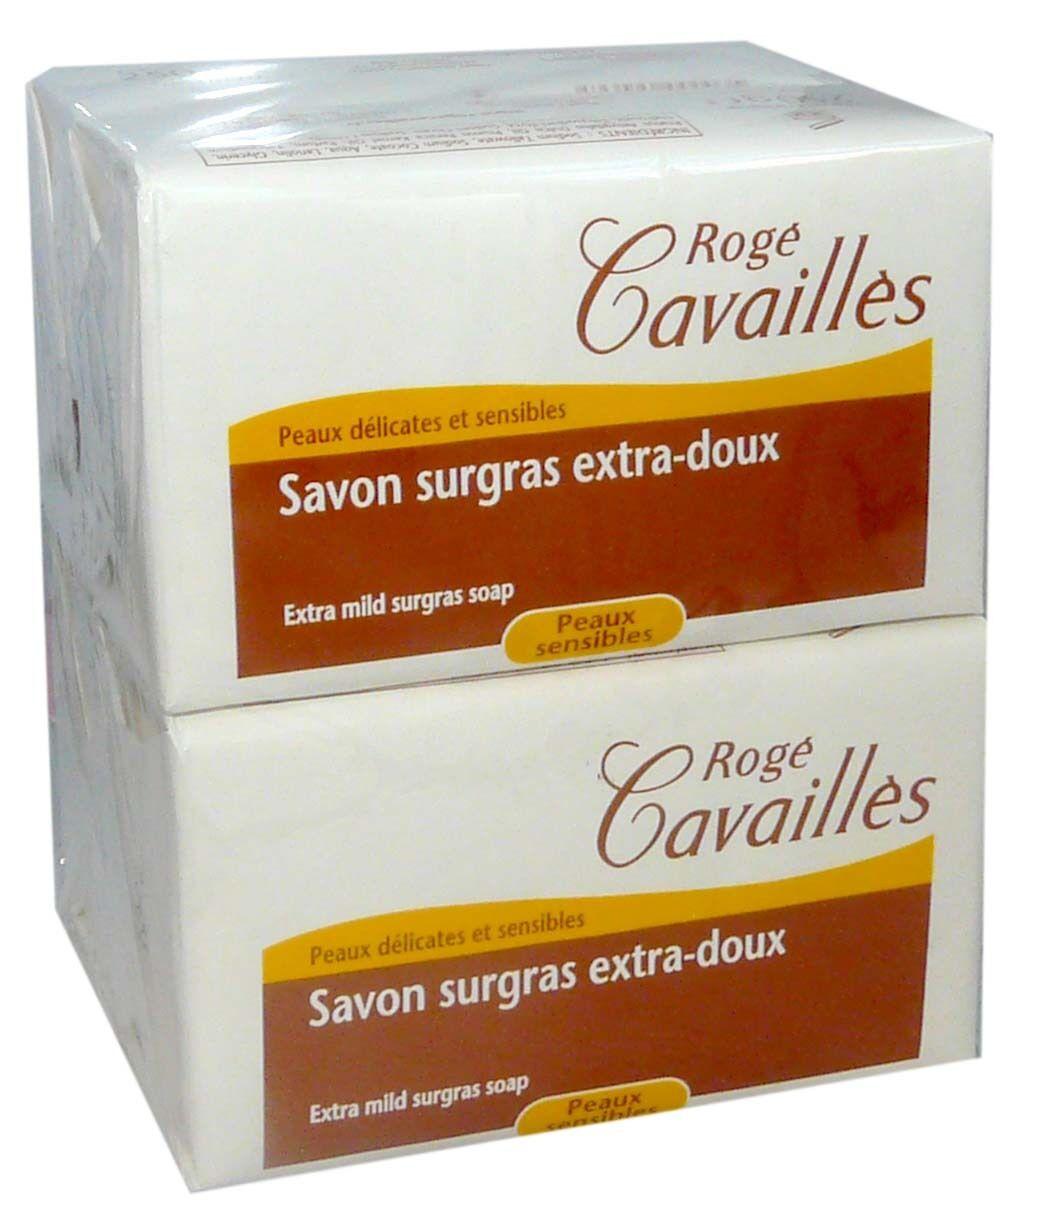 Roge cavailles savon surgras extra doux lot de 4x250g